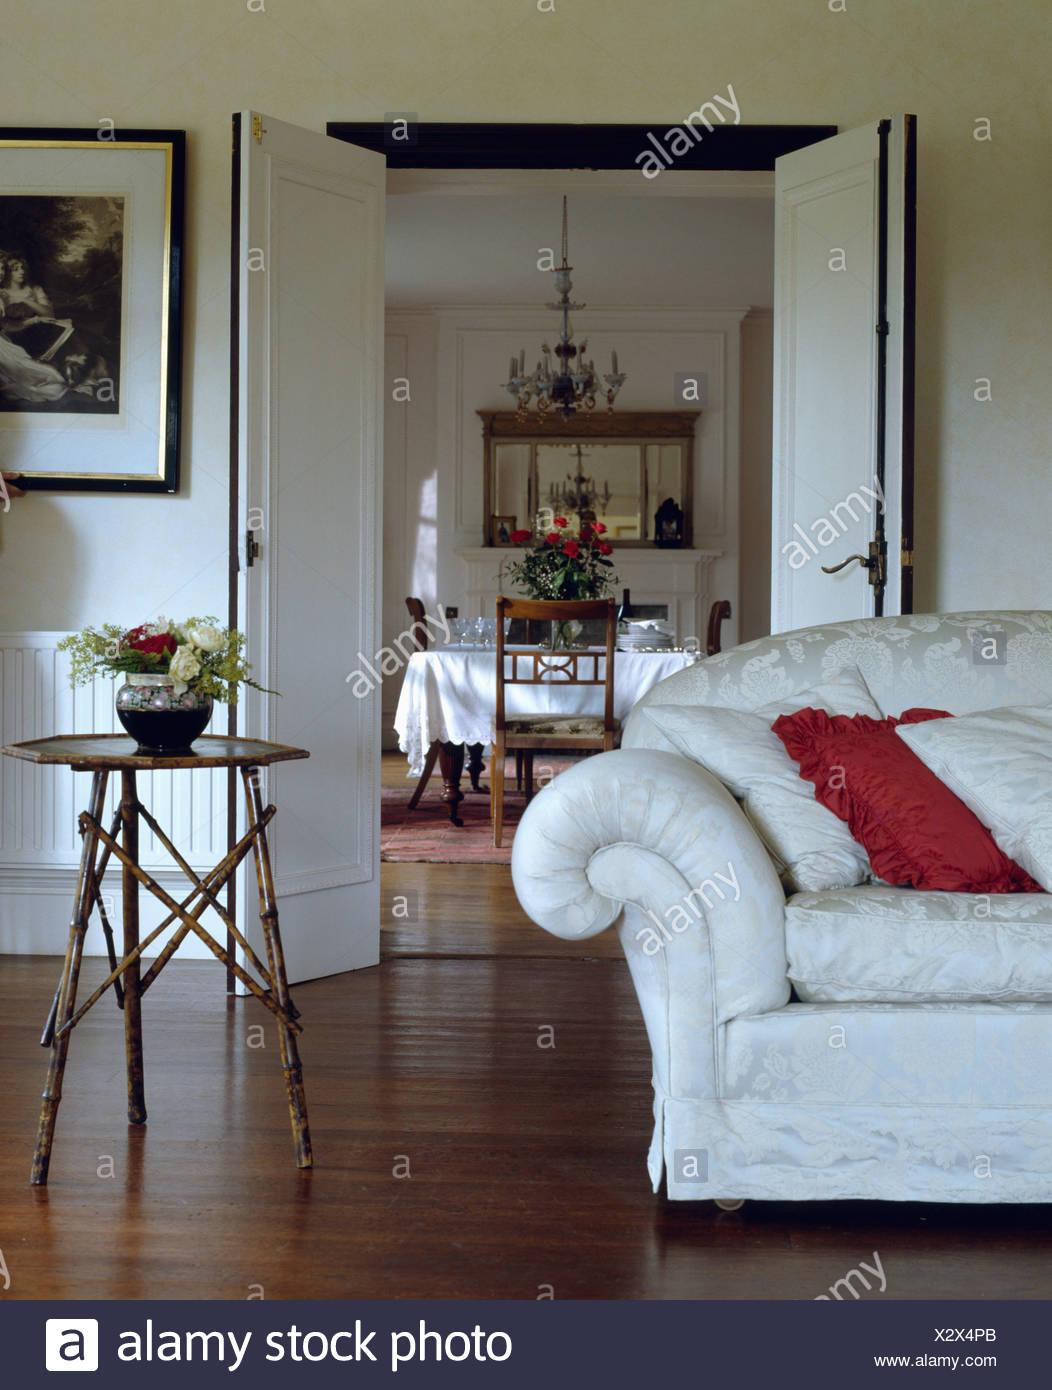 designideen weises wohnzimmer, weisses wohnzimmer - llsamplessl.club, Möbel ideen